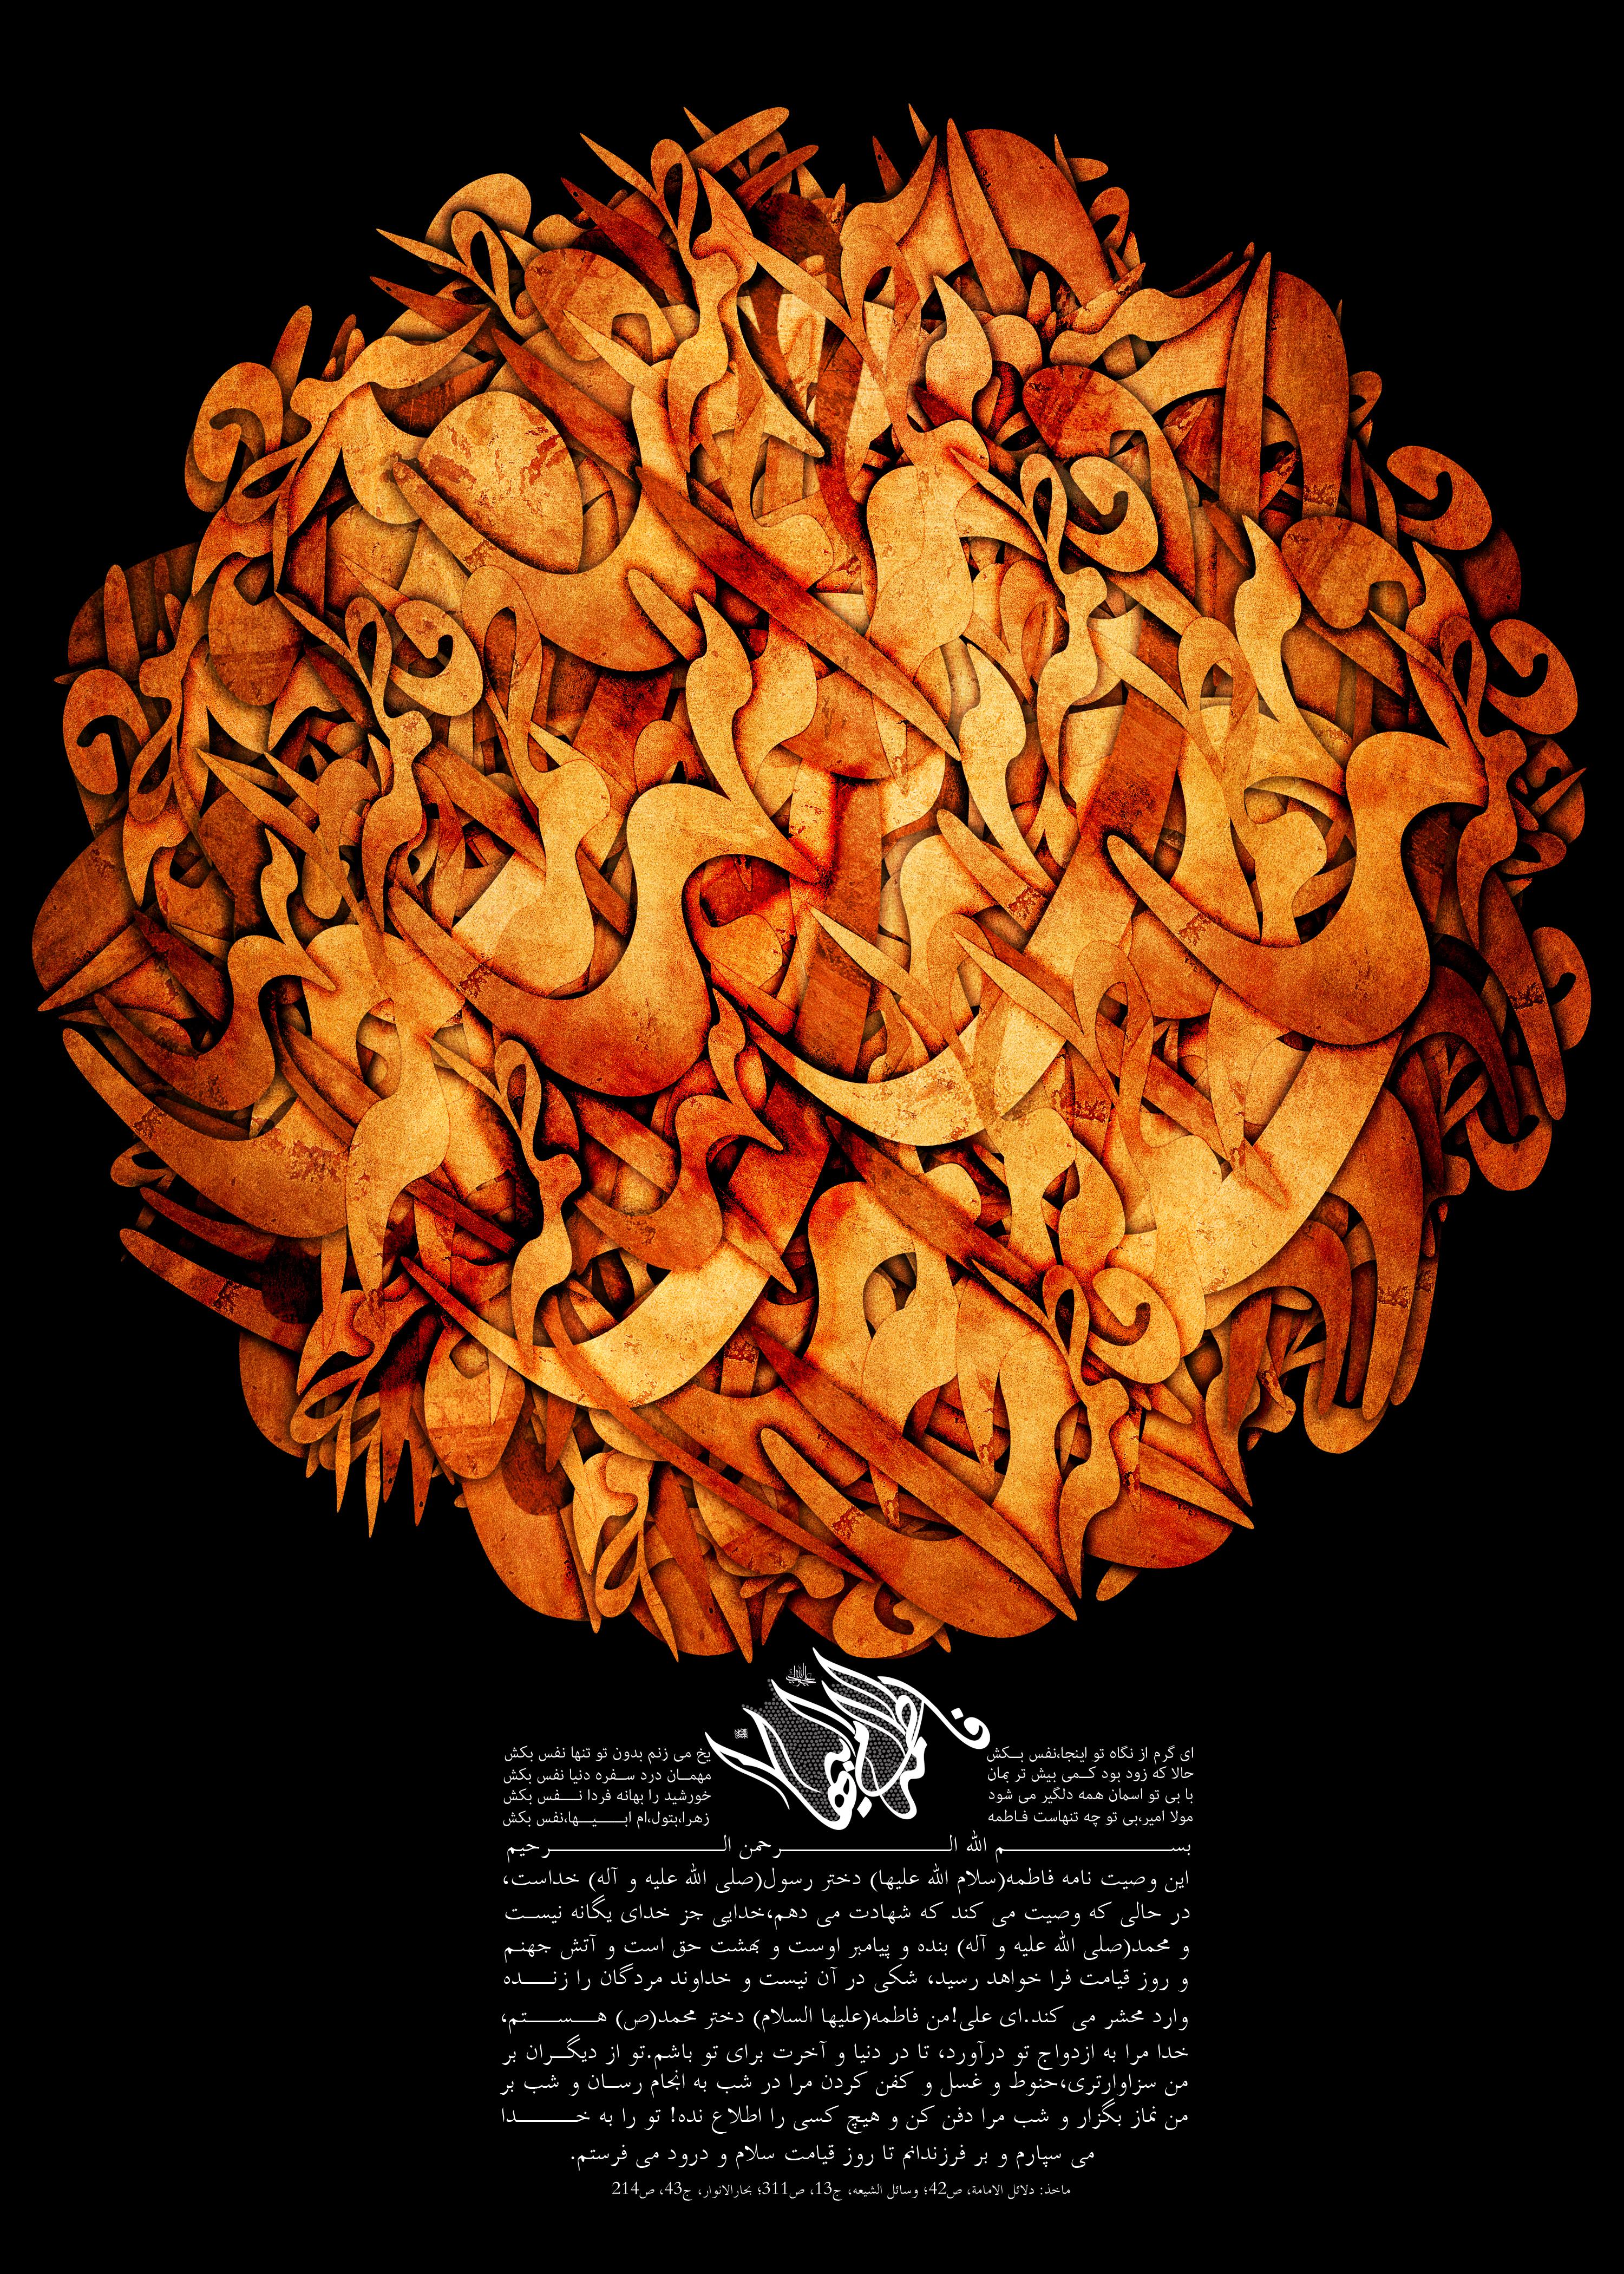 fatemiyeh_by_ostadreza_www.yasinmedia.com